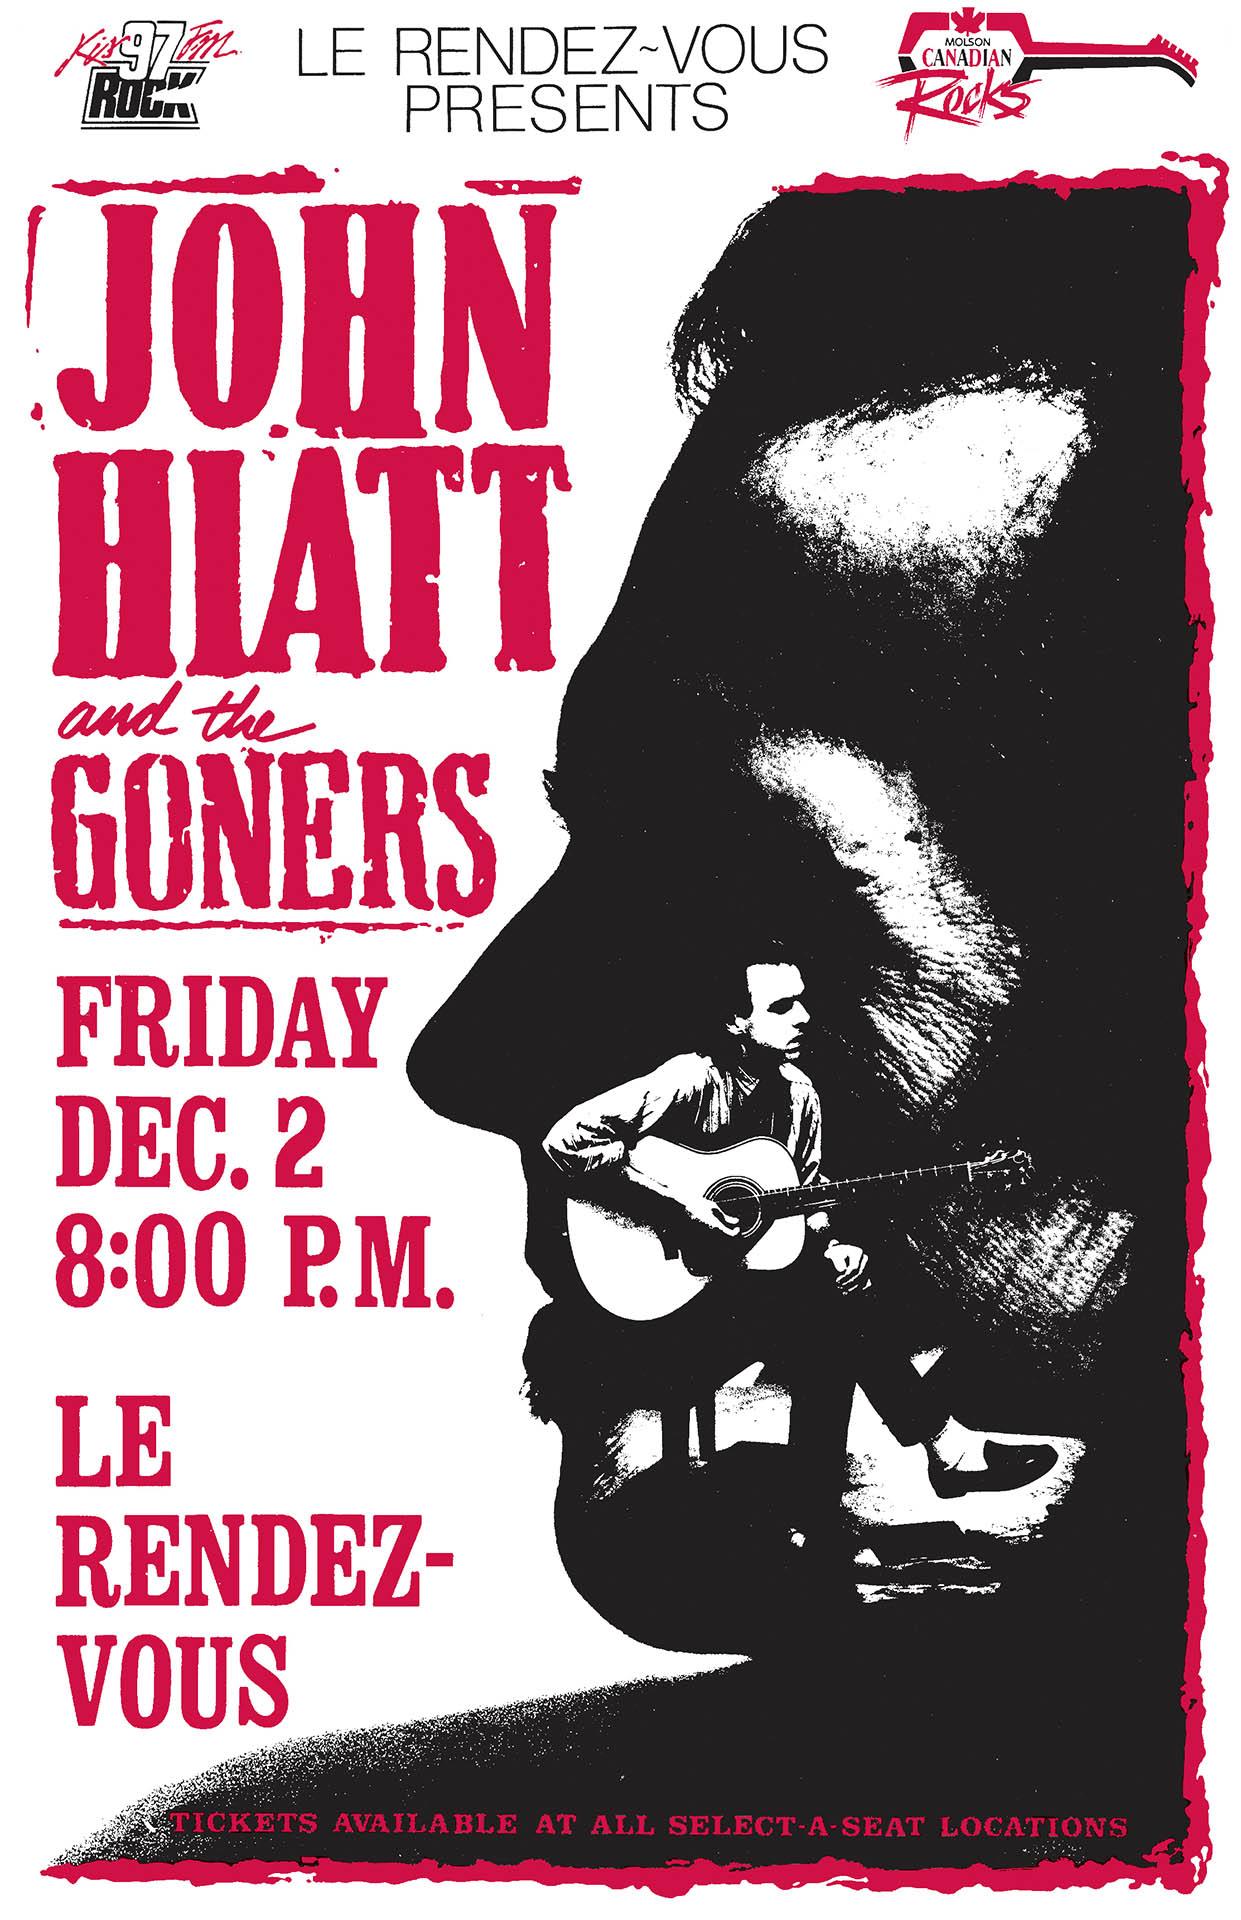 John Hiatt and the Gonners - 1988